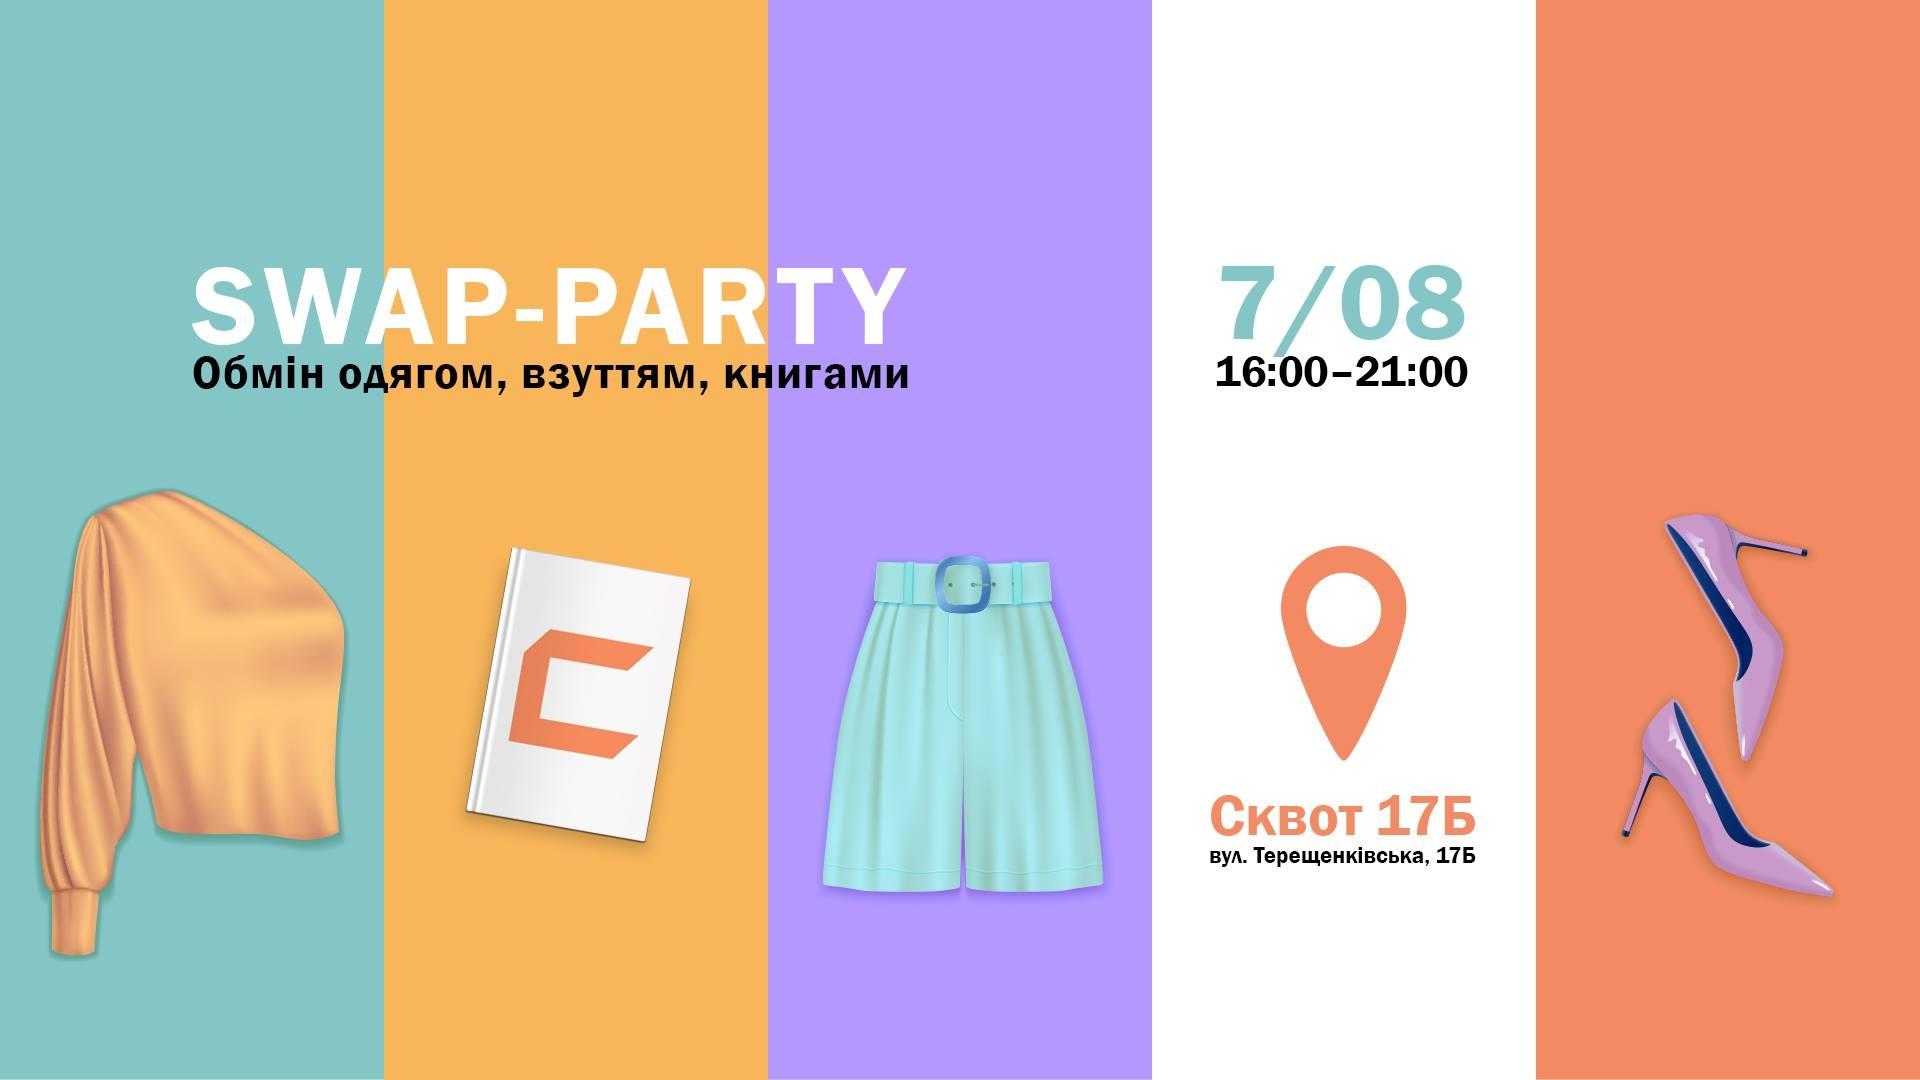 Куда пойти на выходных в Киеве: интересные события 7 и 8 августа - фото №3